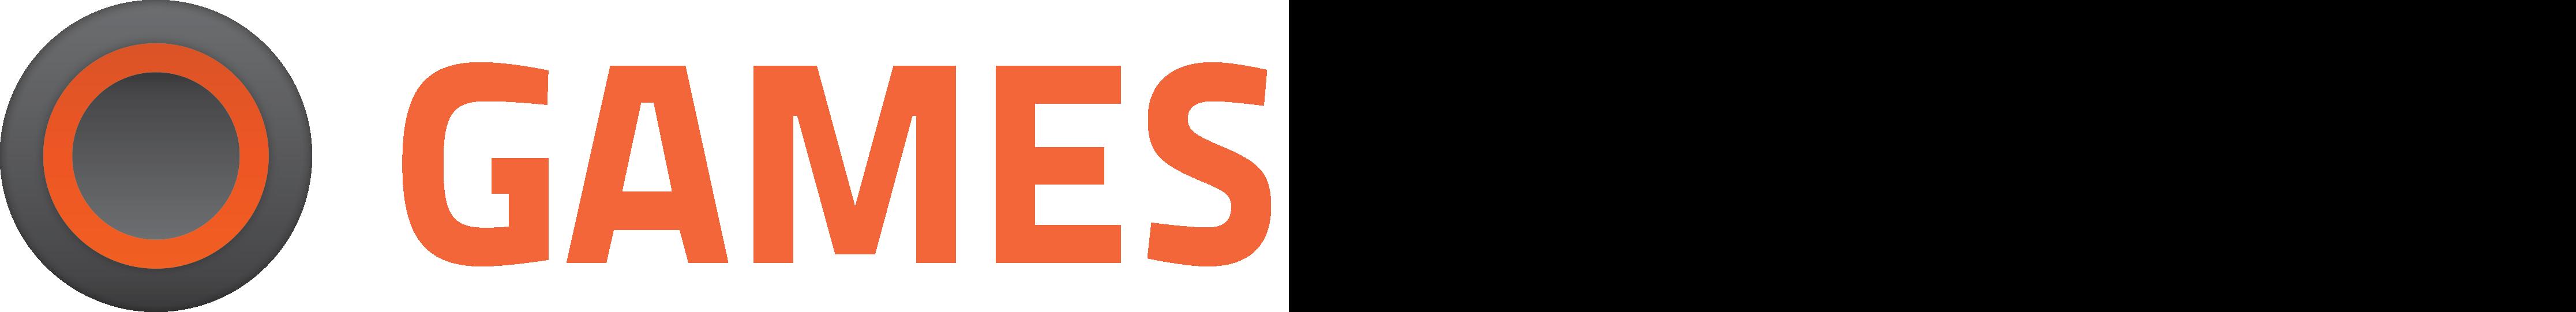 gamesplanet-logo-bons-plans